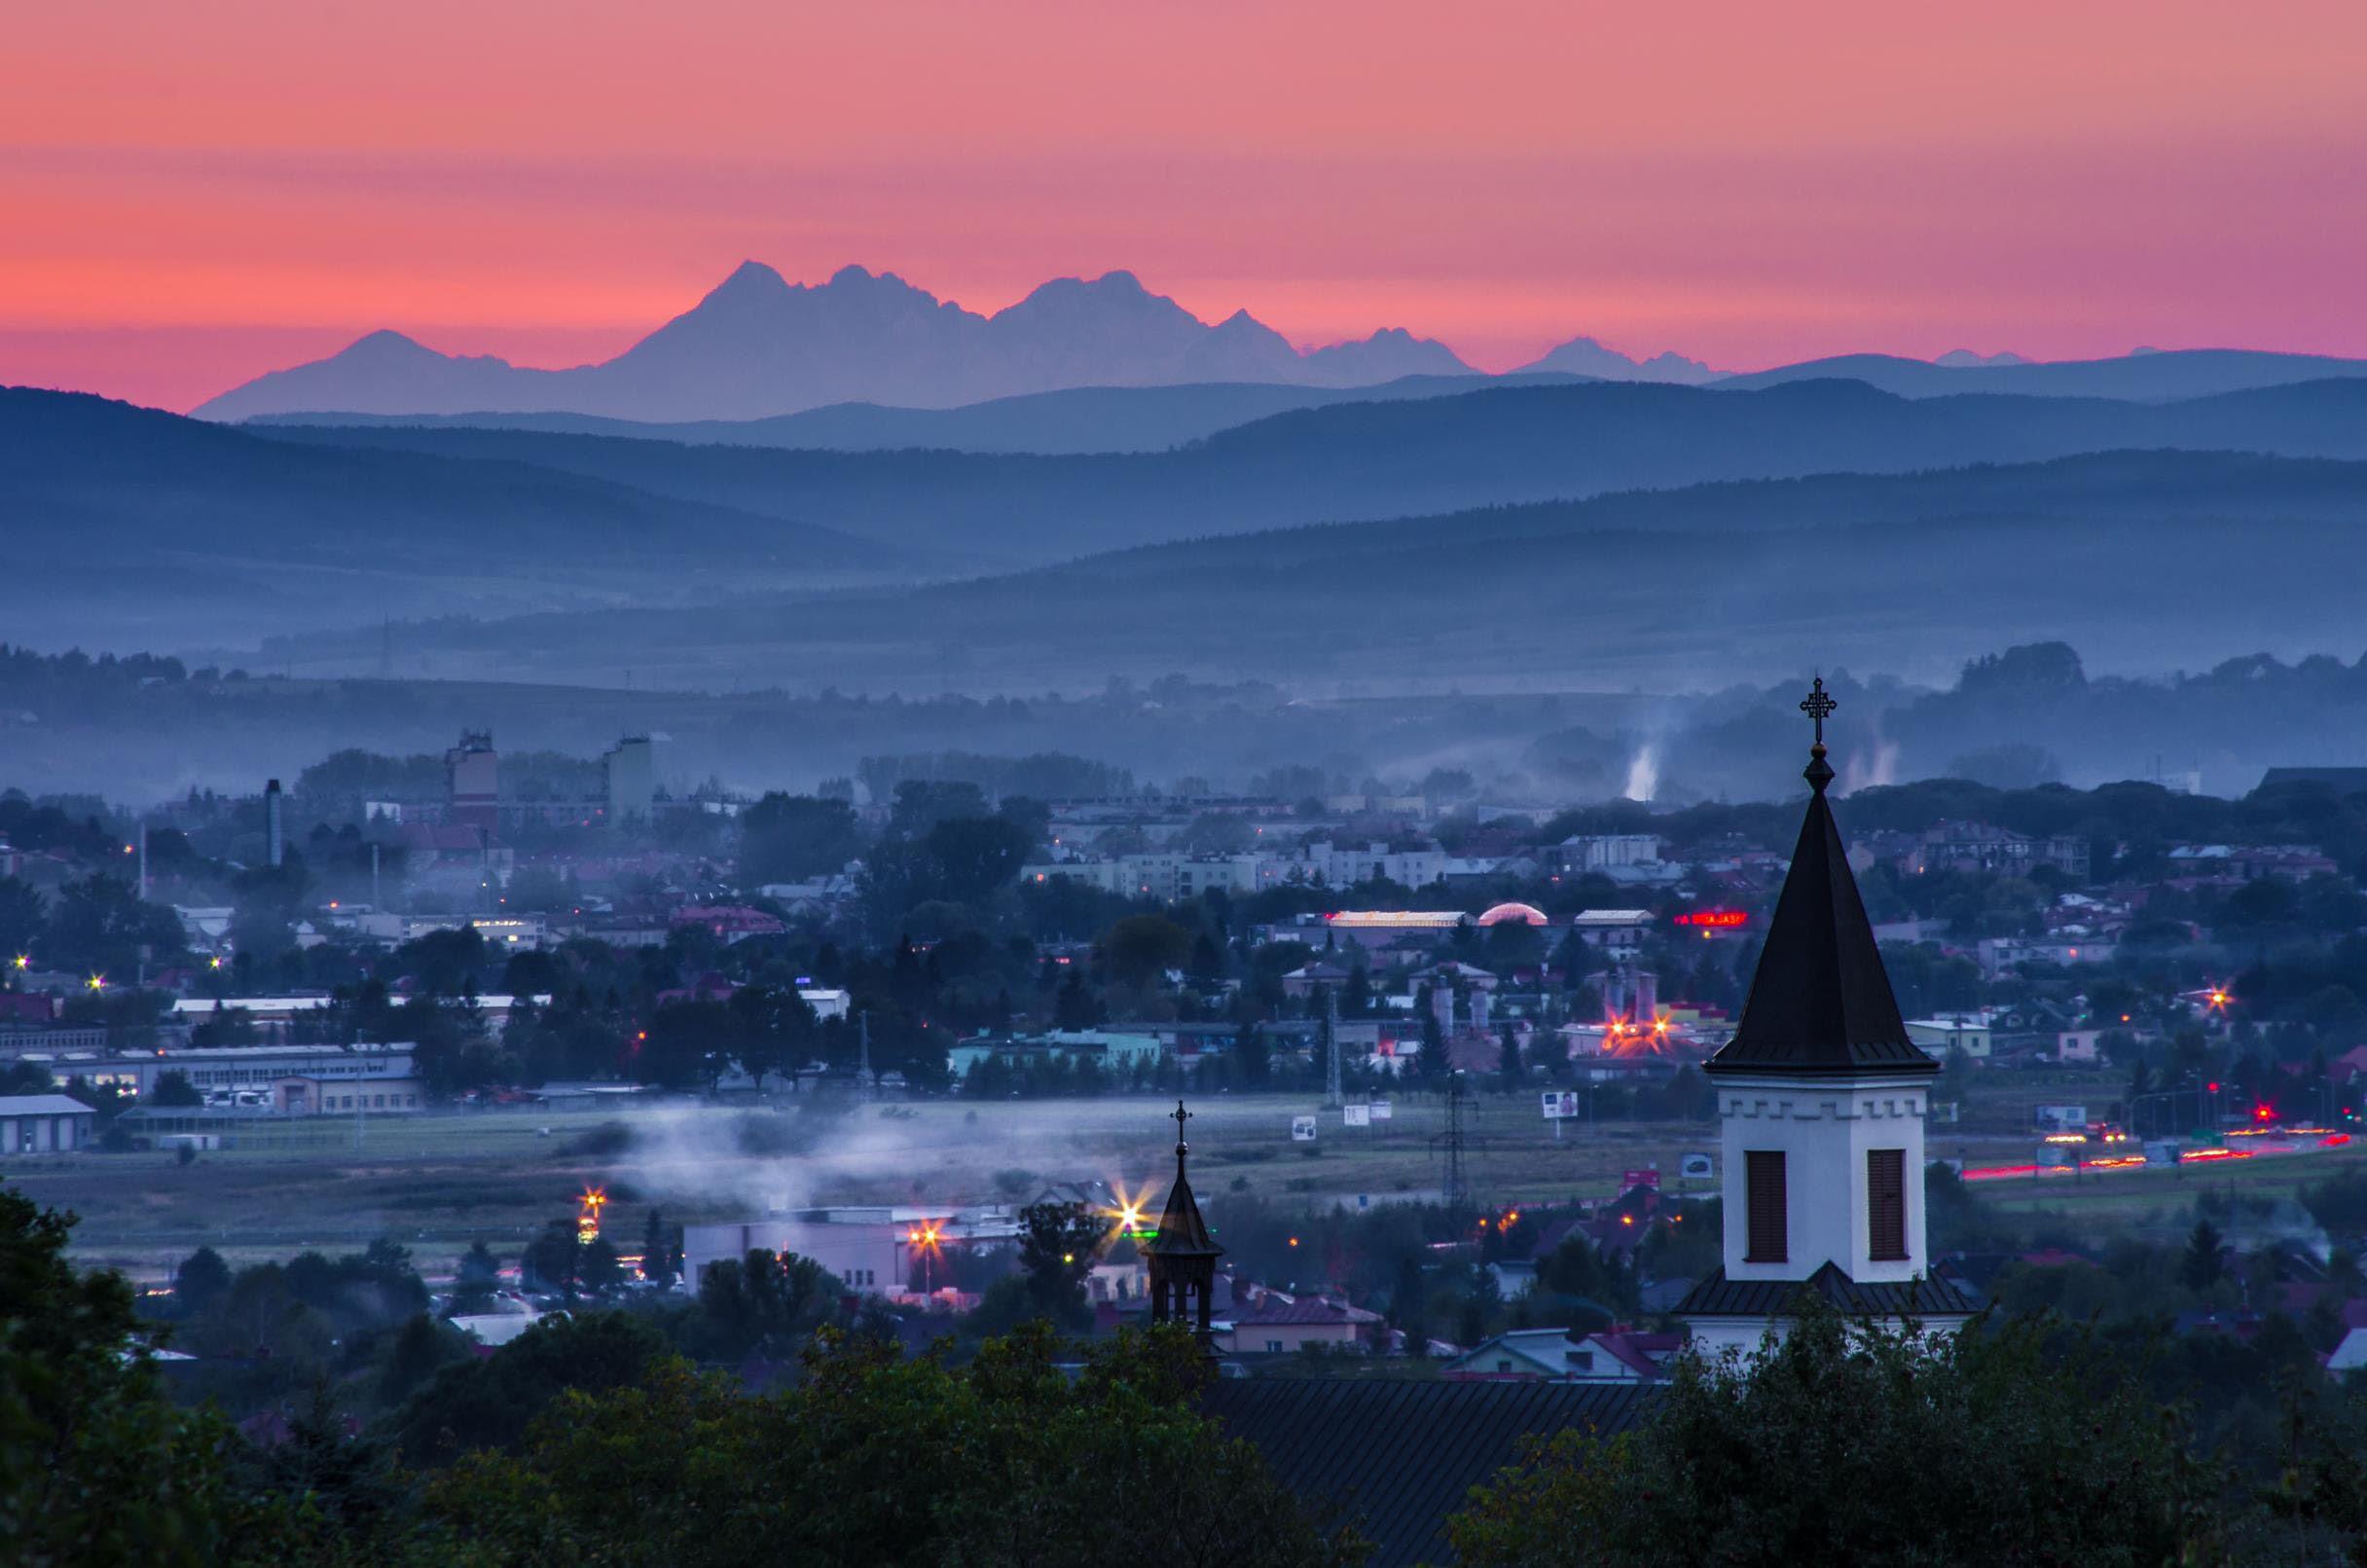 Zachód Księżyca, a w tle Tatry. To wszystko widziane z Podkarpacia [ZOBACZ ZDJĘCIE] - Zdjęcie główne